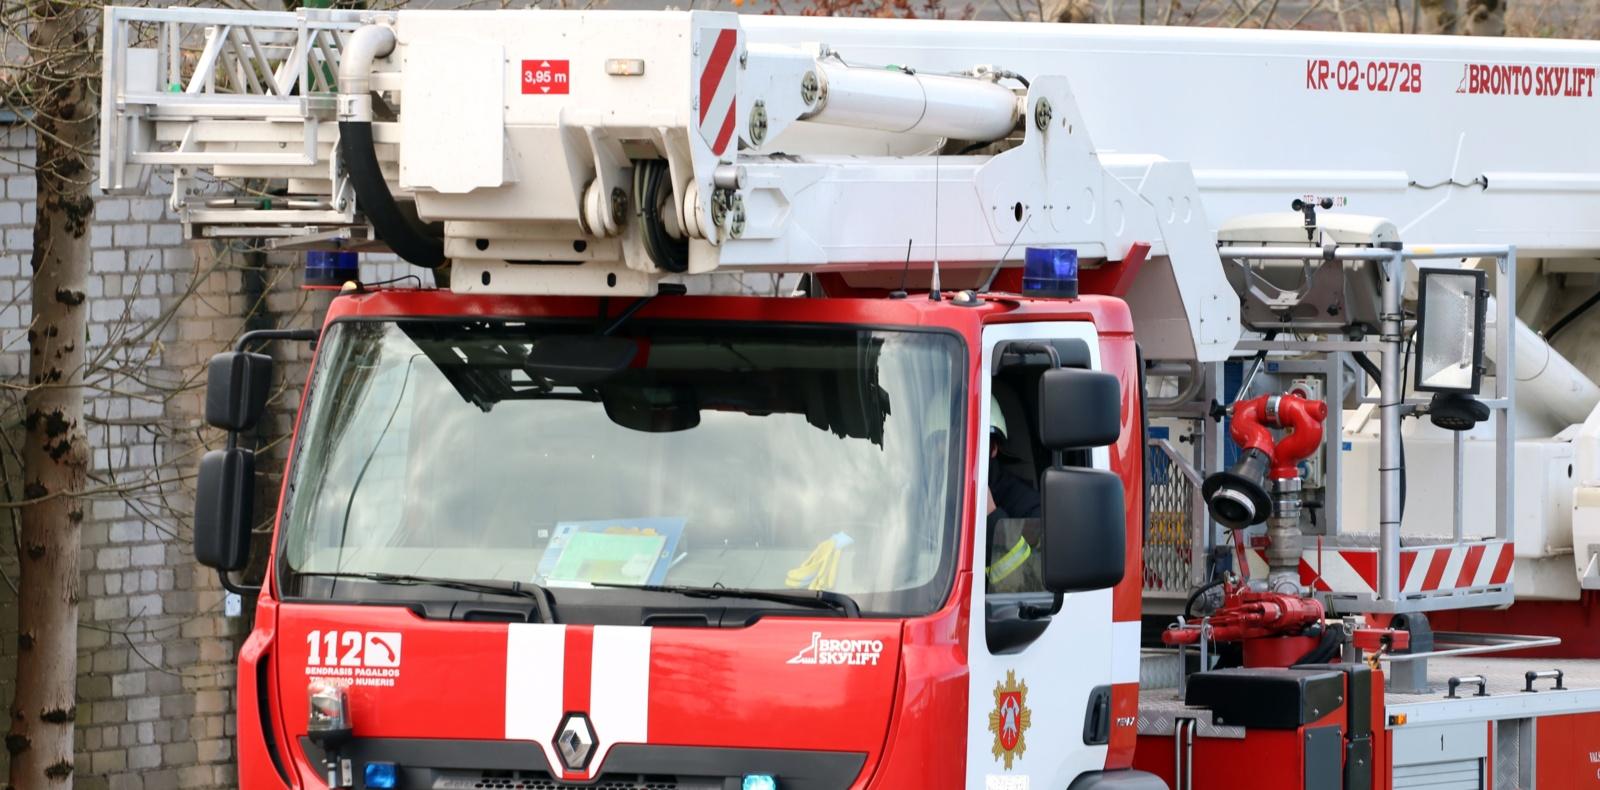 Kėdainių rajone sudegus parduotuvei padaryta 113 tūkstančių eurų žala